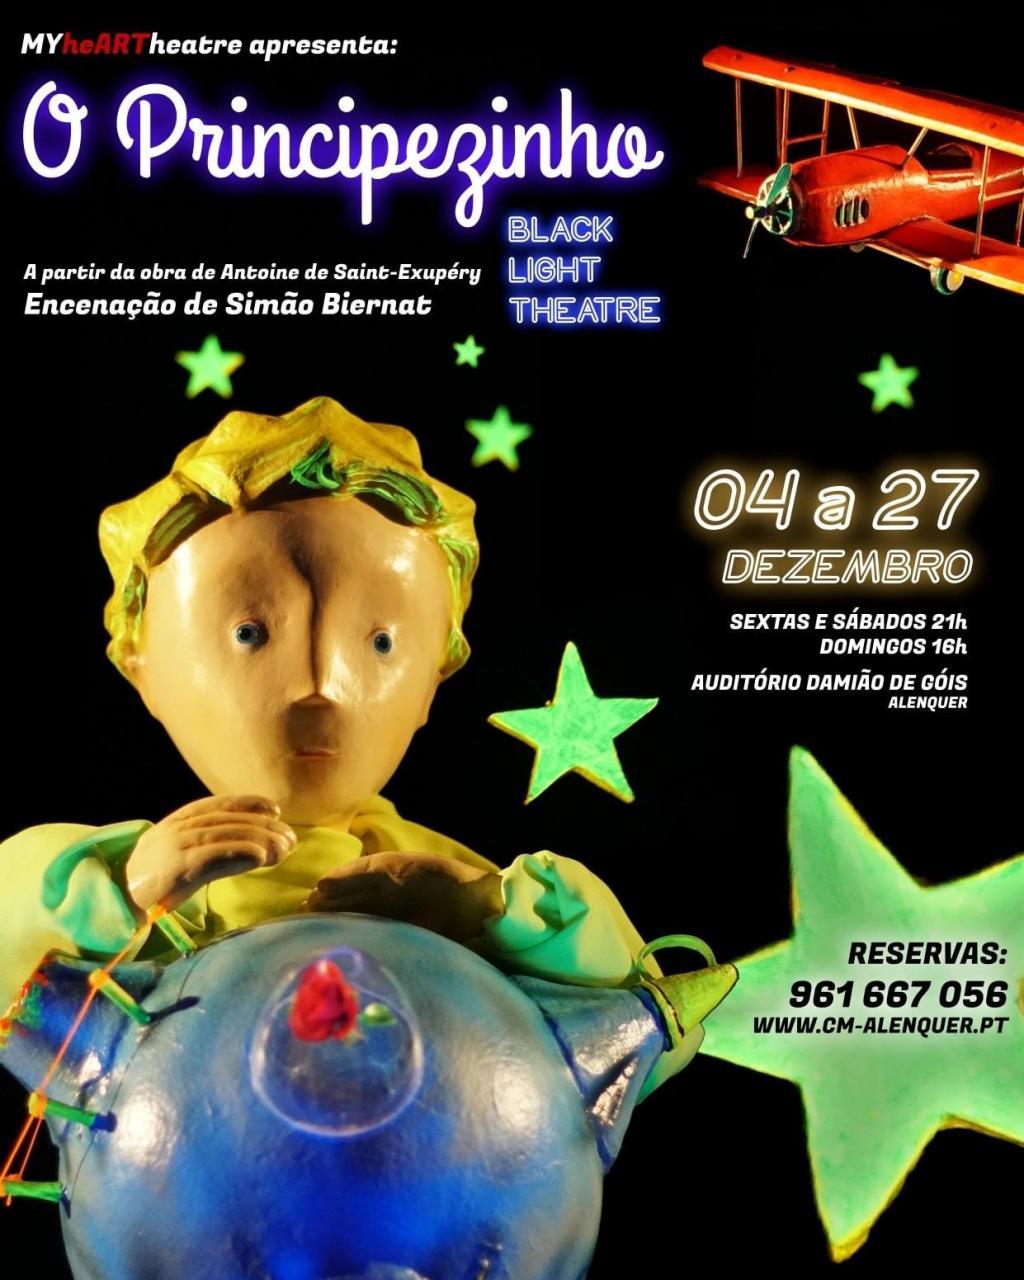 Principezinho em Black Light Theatre